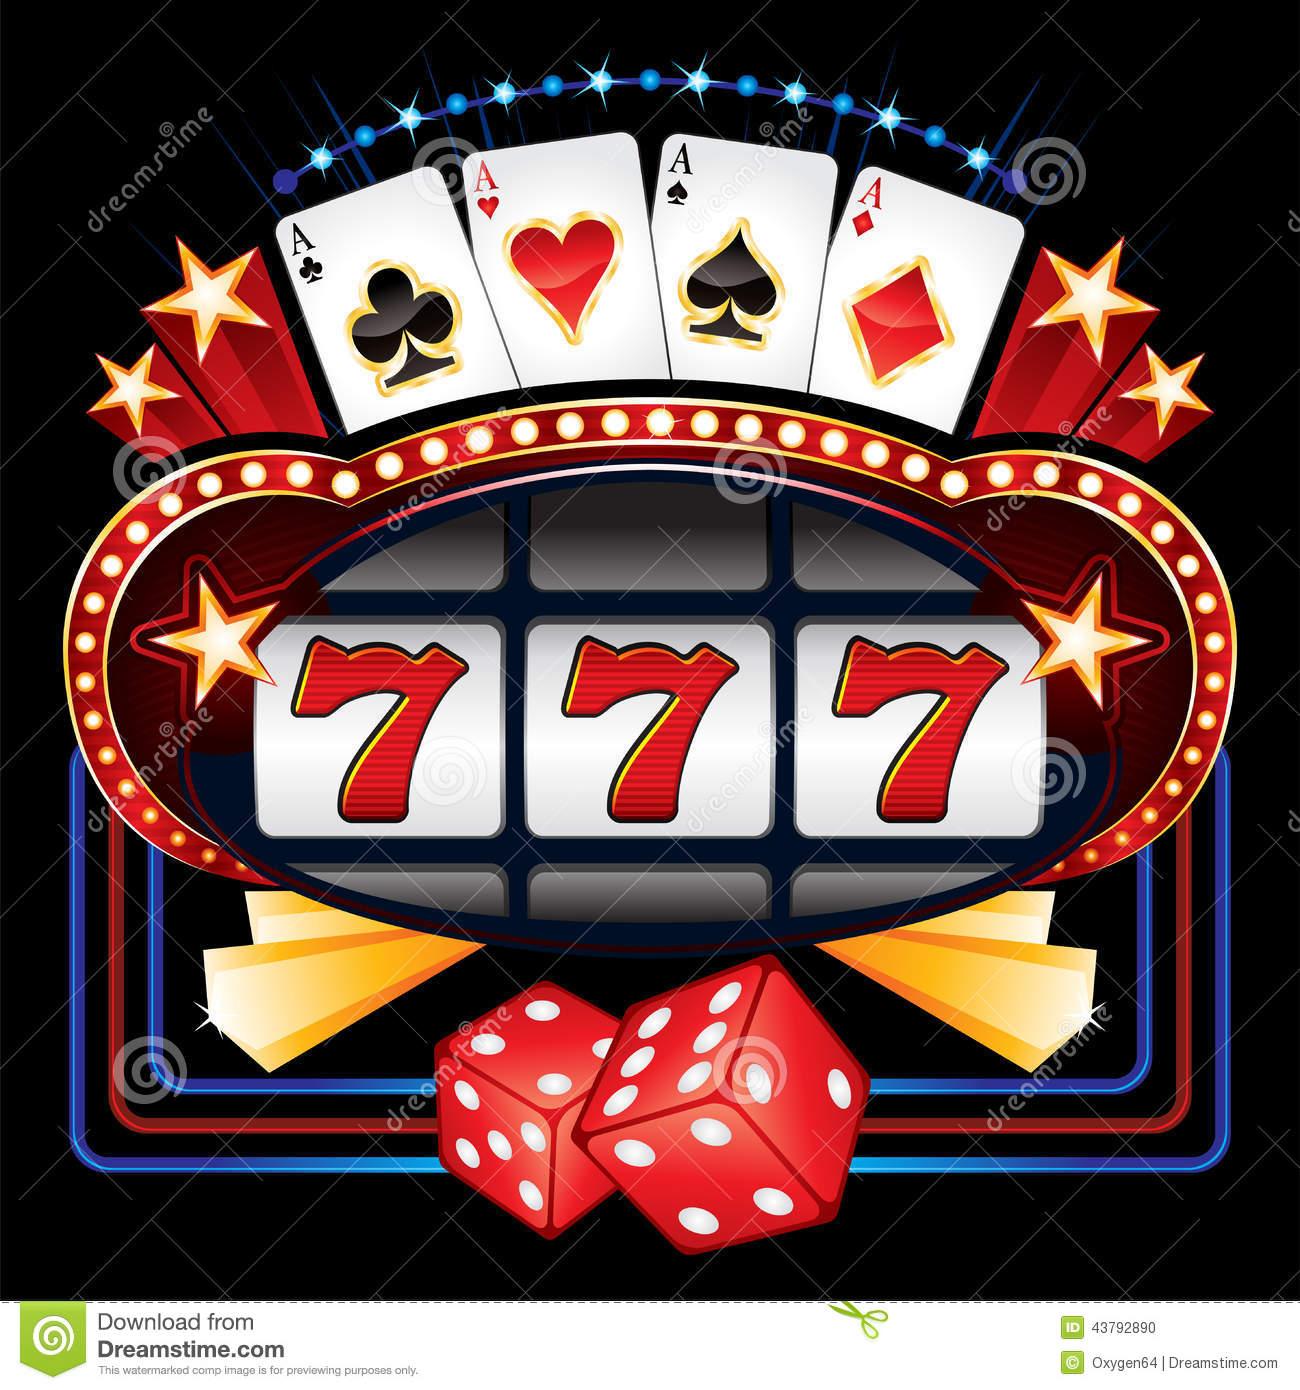 S'adonner aux jeux de casino avec edencasino.fr